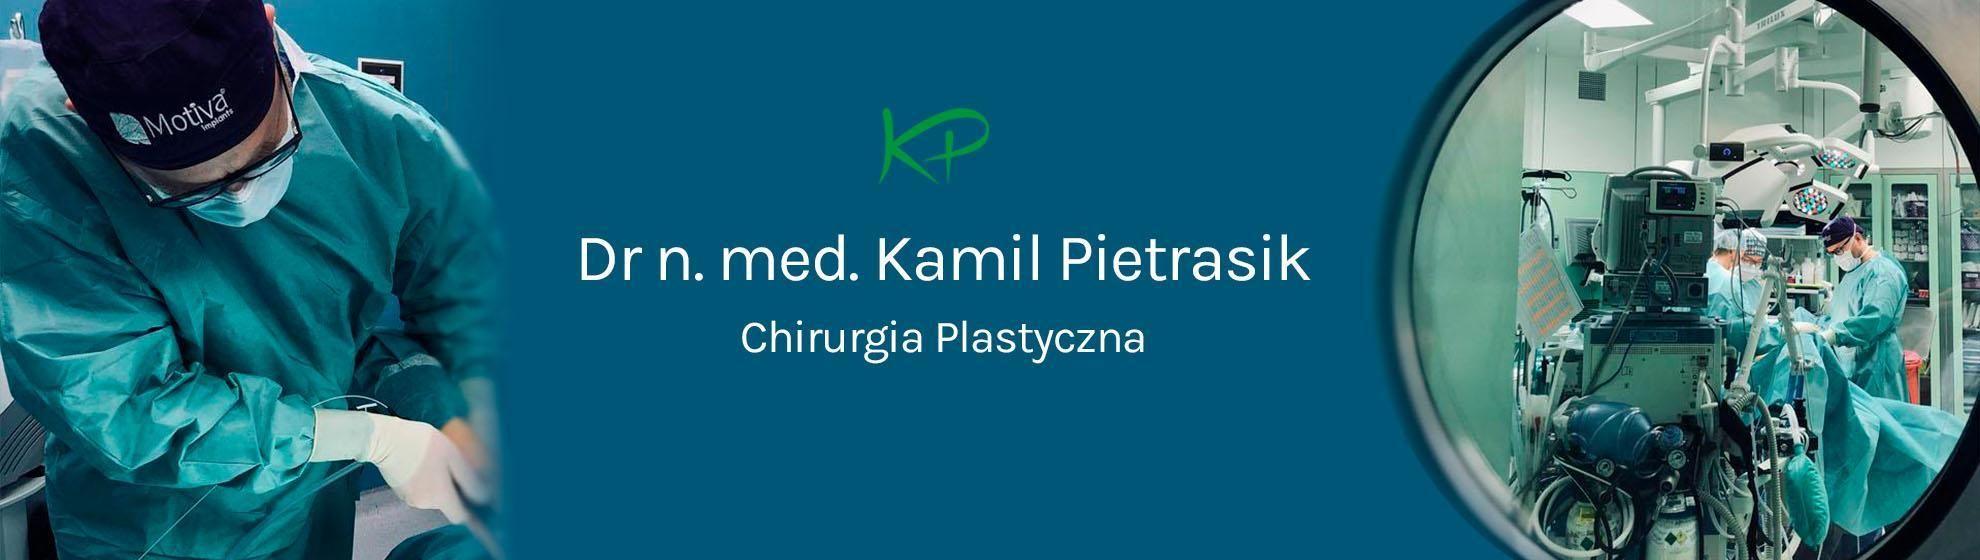 dr. n. med. Kamil Pietrasik